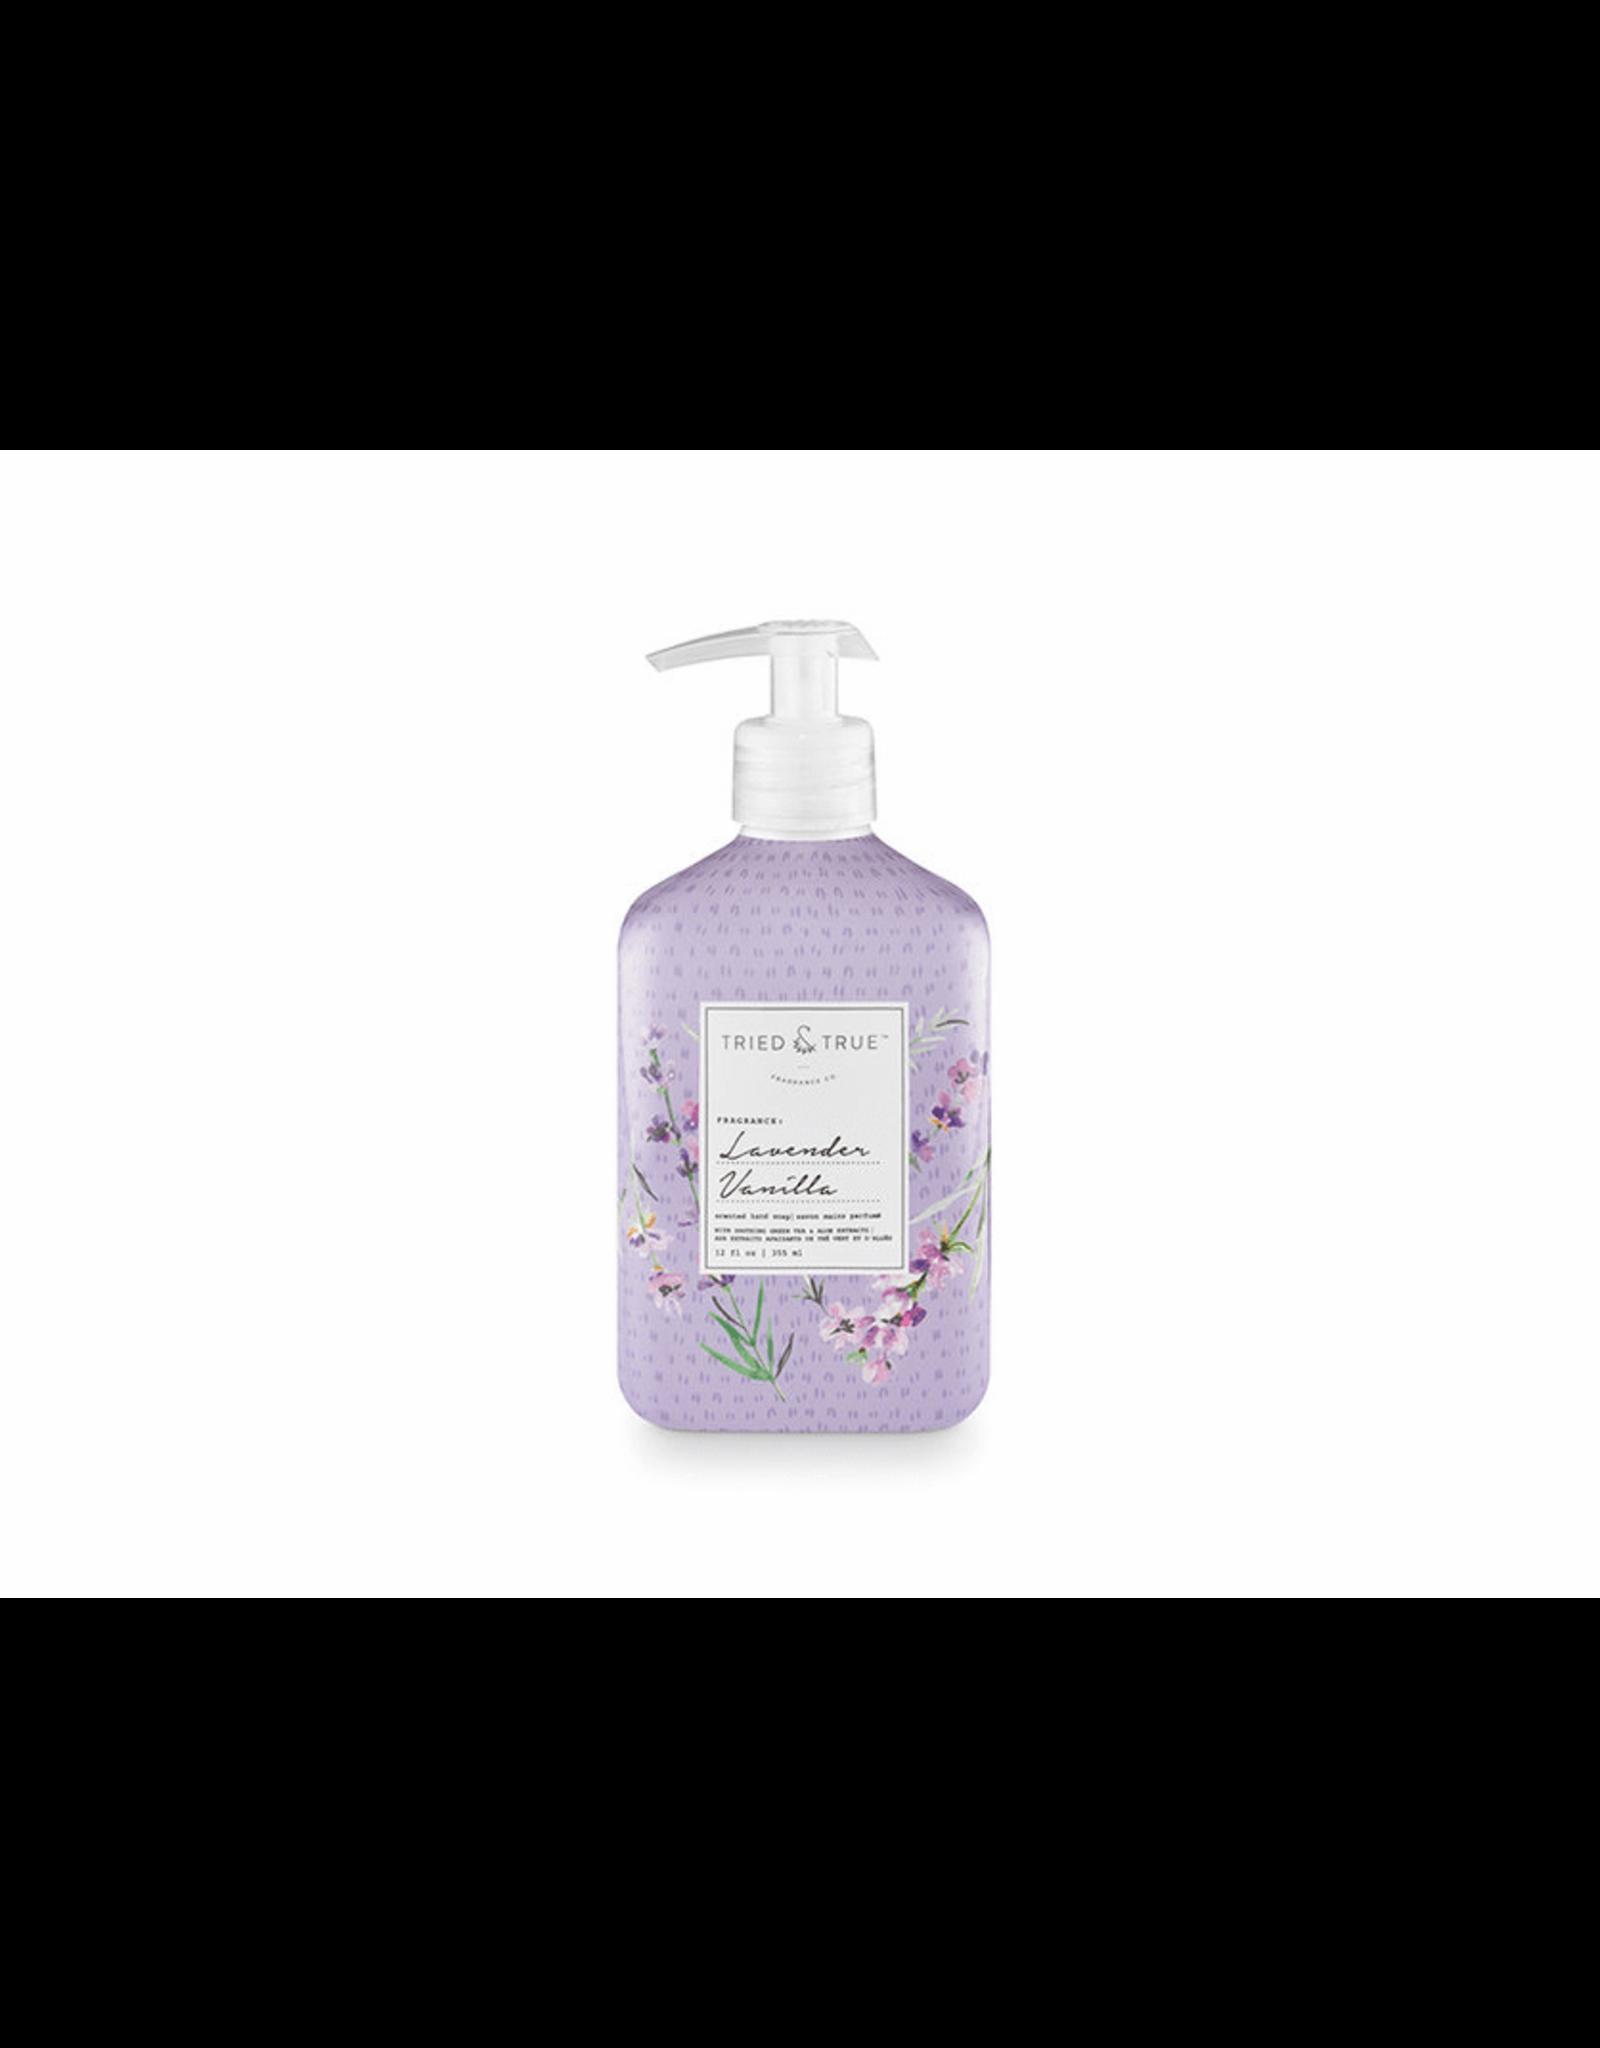 Tried & True 12 oz Hand Wash - Lavender Vanilla